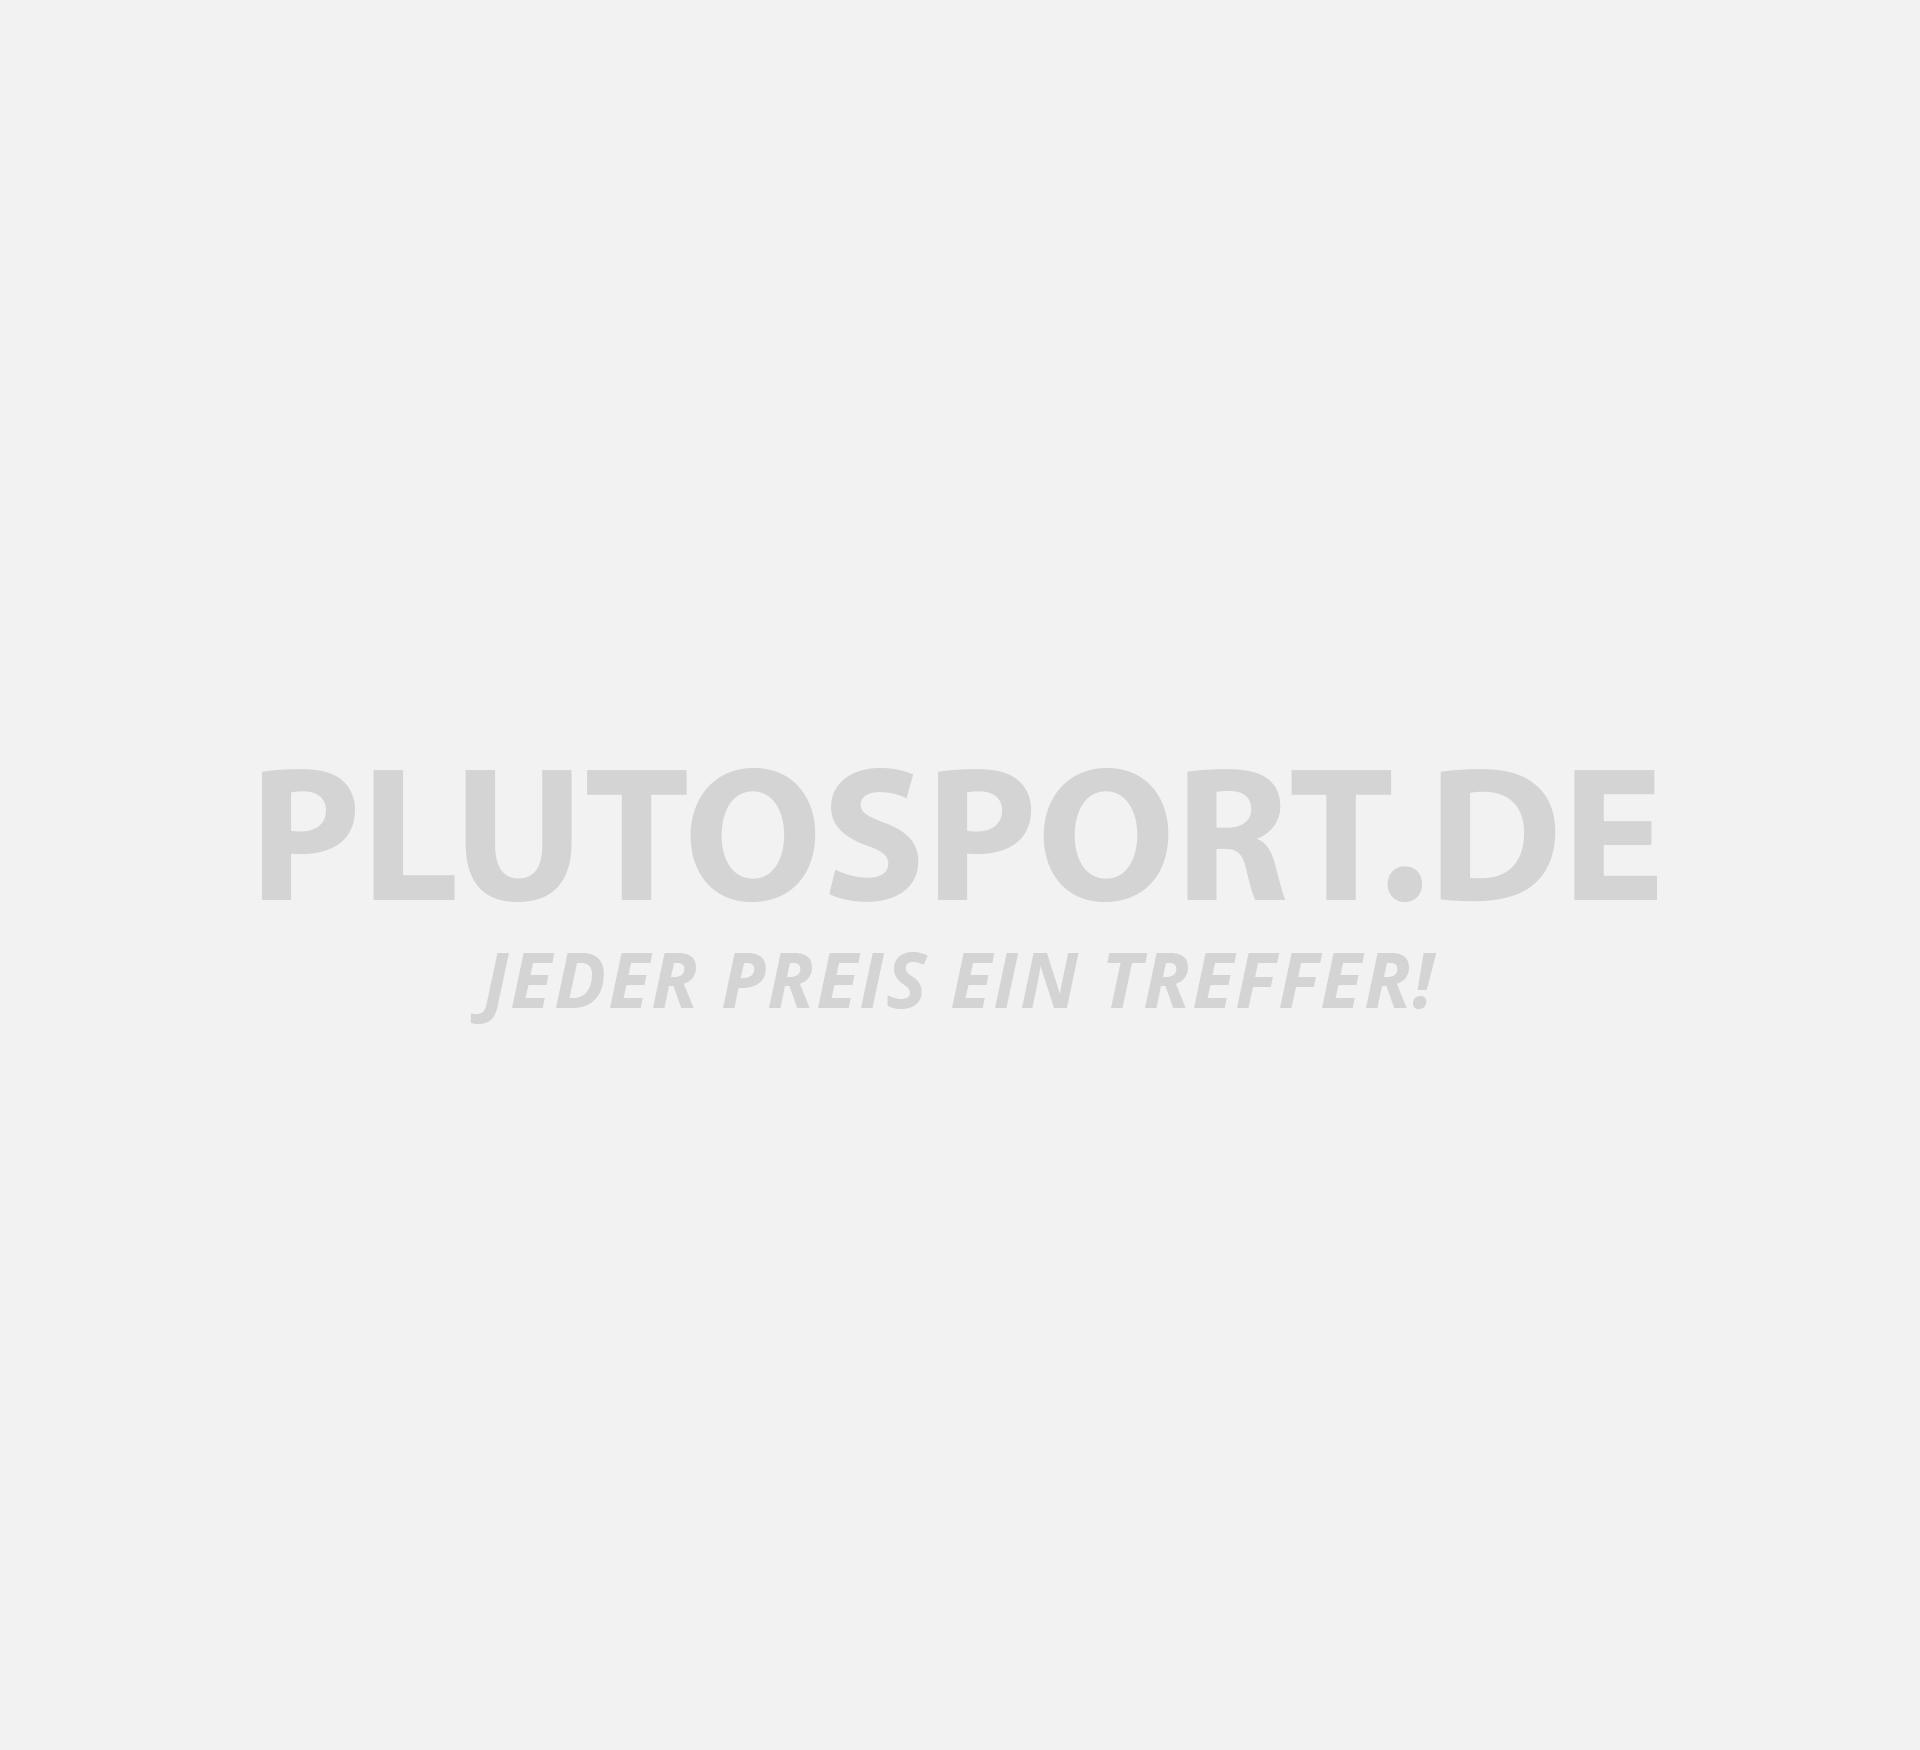 fd46a68d637fbb Asics Aaron MT GS - Sneakers - Schuhe - Freizeit - Sportarten ...